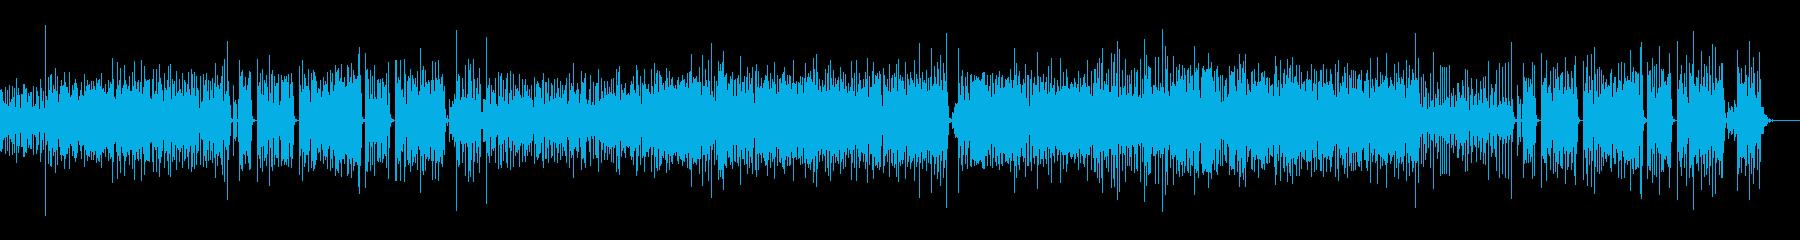 オルガンとサックスのインストゥルメ...の再生済みの波形